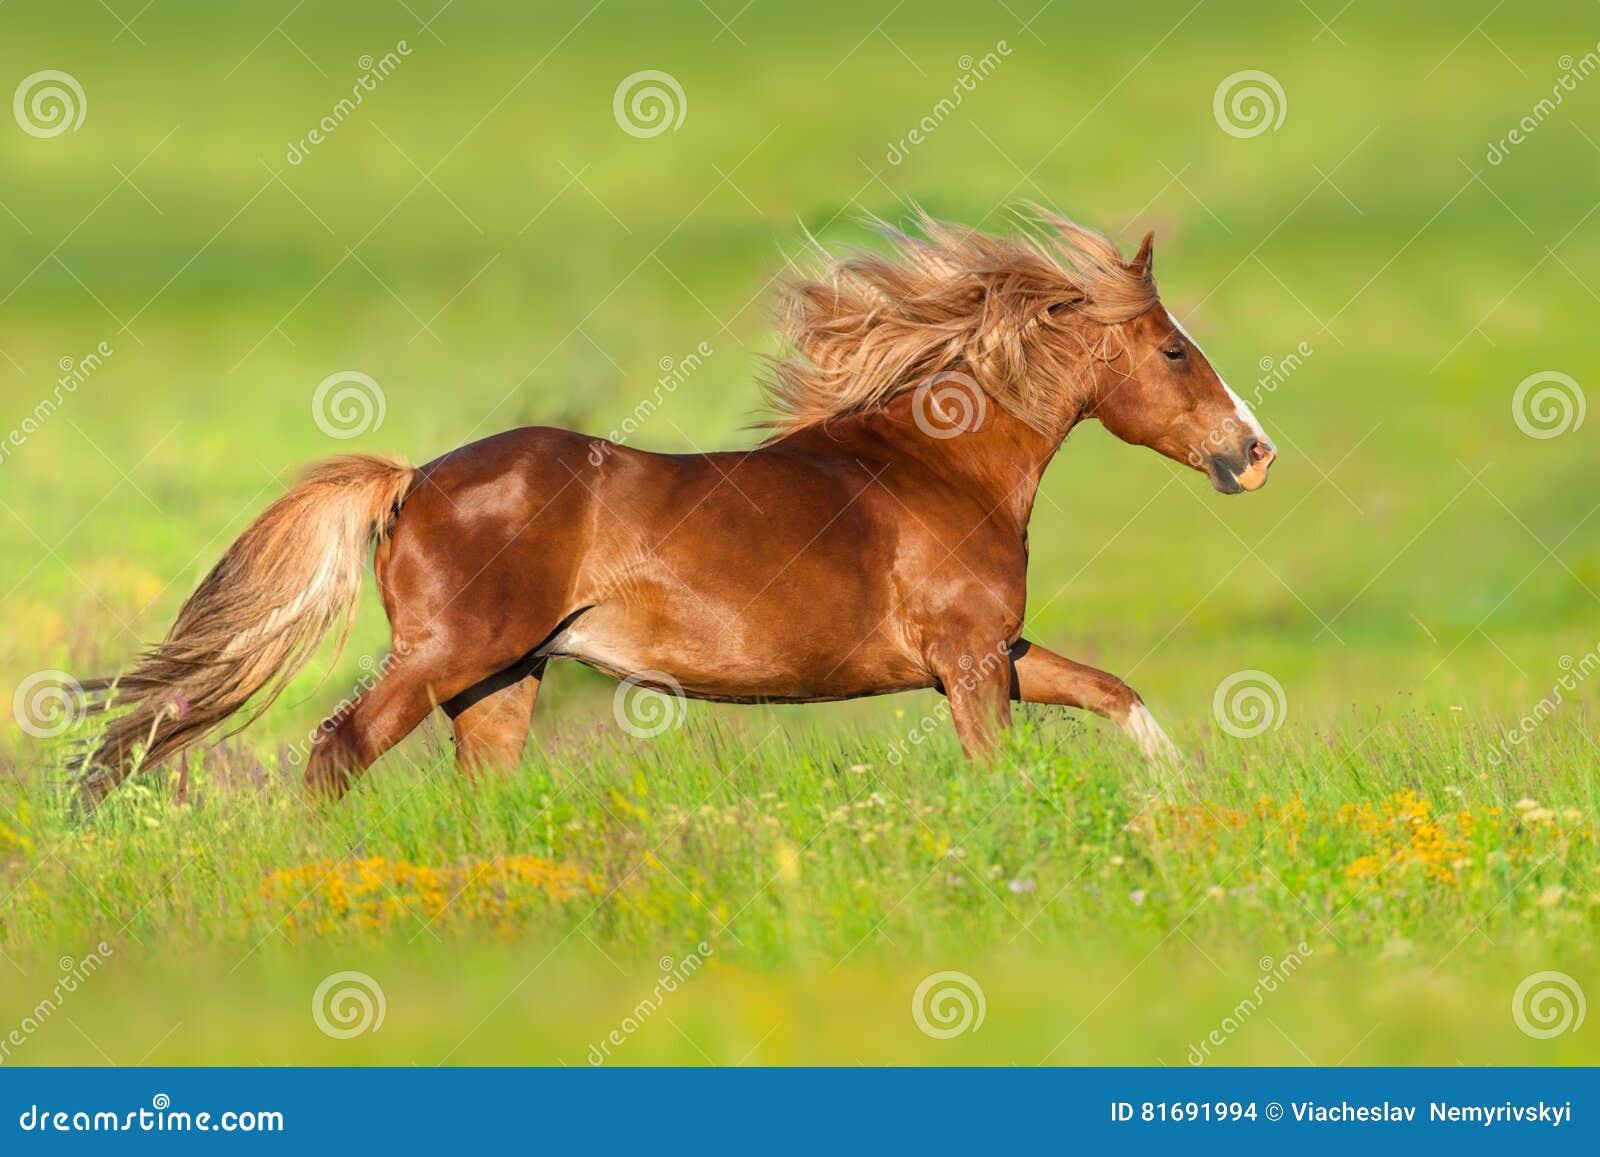 Красная лошадь, который побежали в цветках